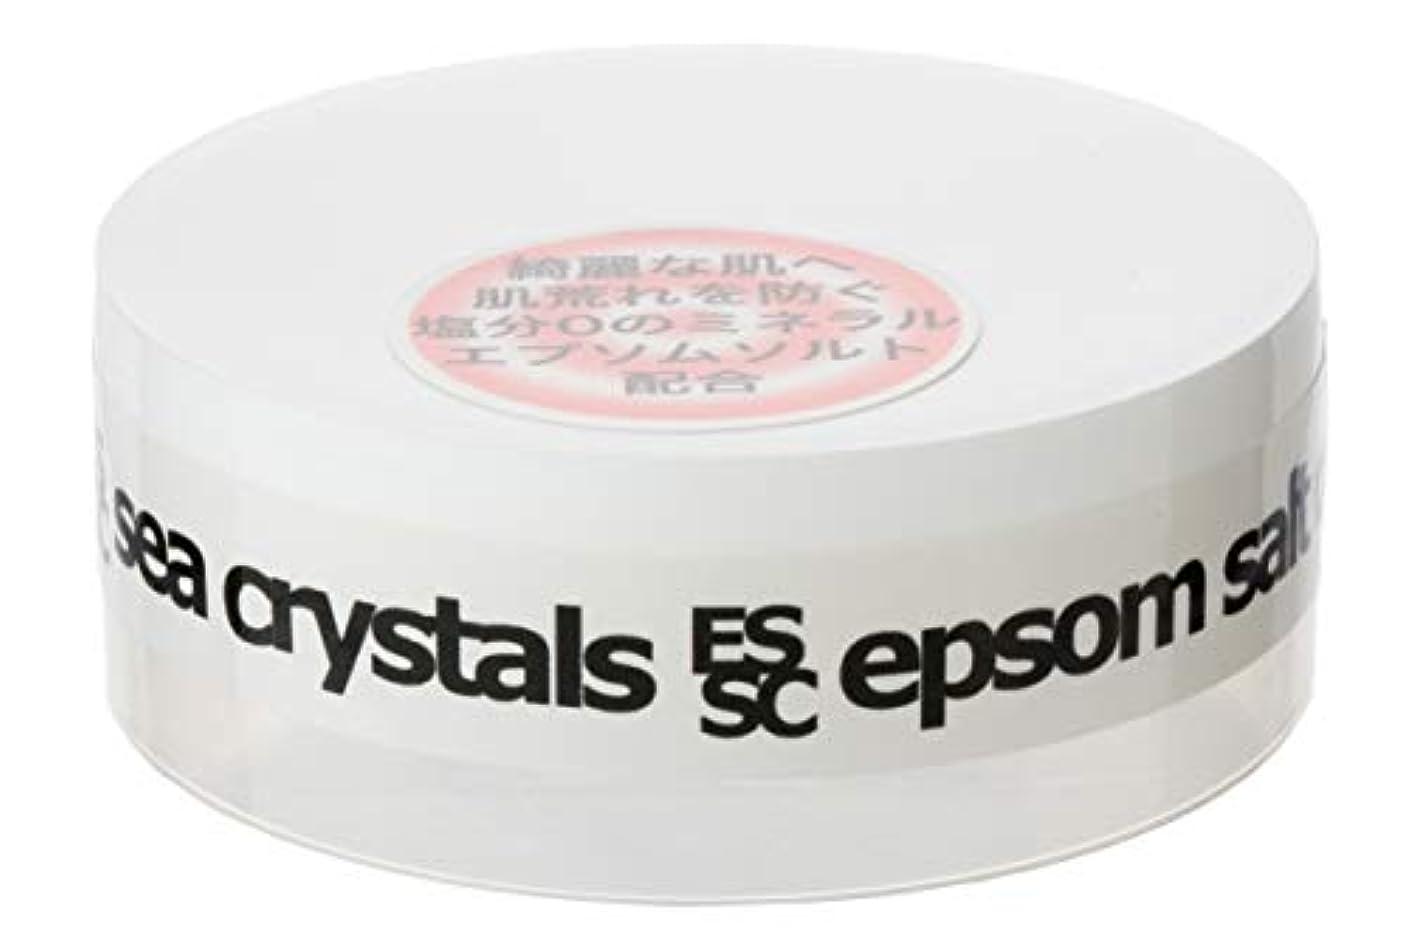 滝慈善無法者Sea Crystals(シークリスタルス) シークリスタルエプソムソルトクリーム エプソムソルトが保湿クリームになりました。30g ボディクリーム